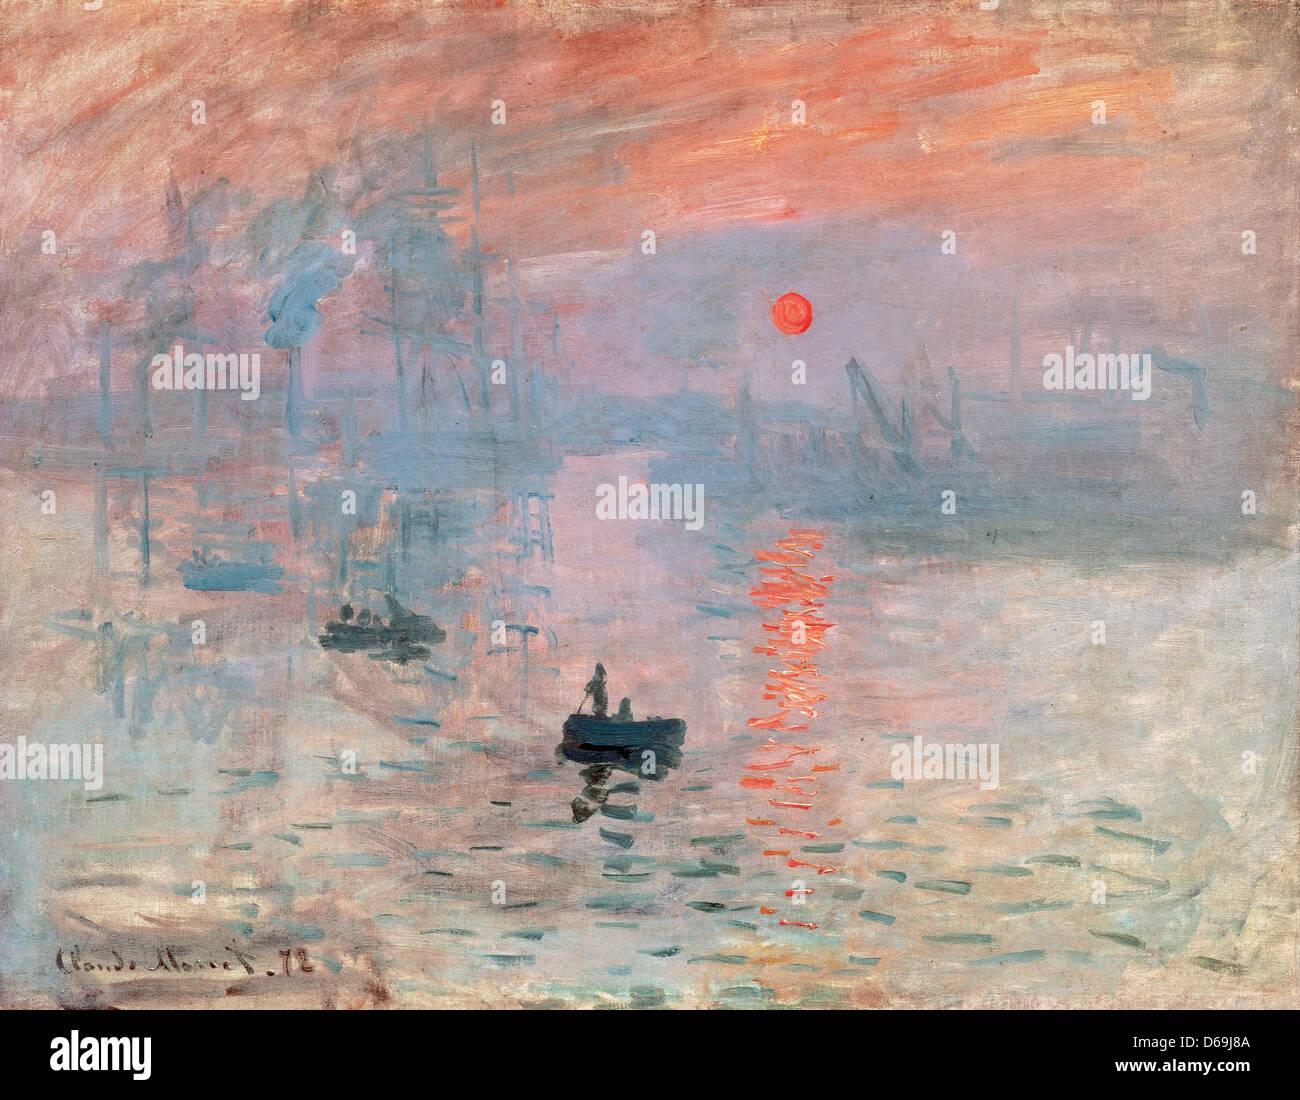 Claude Monet (1906-1957). Sunrise (Impression, soleil levant). 1872. Huile sur toile. Musée de Marmottan Monet. Photo Stock